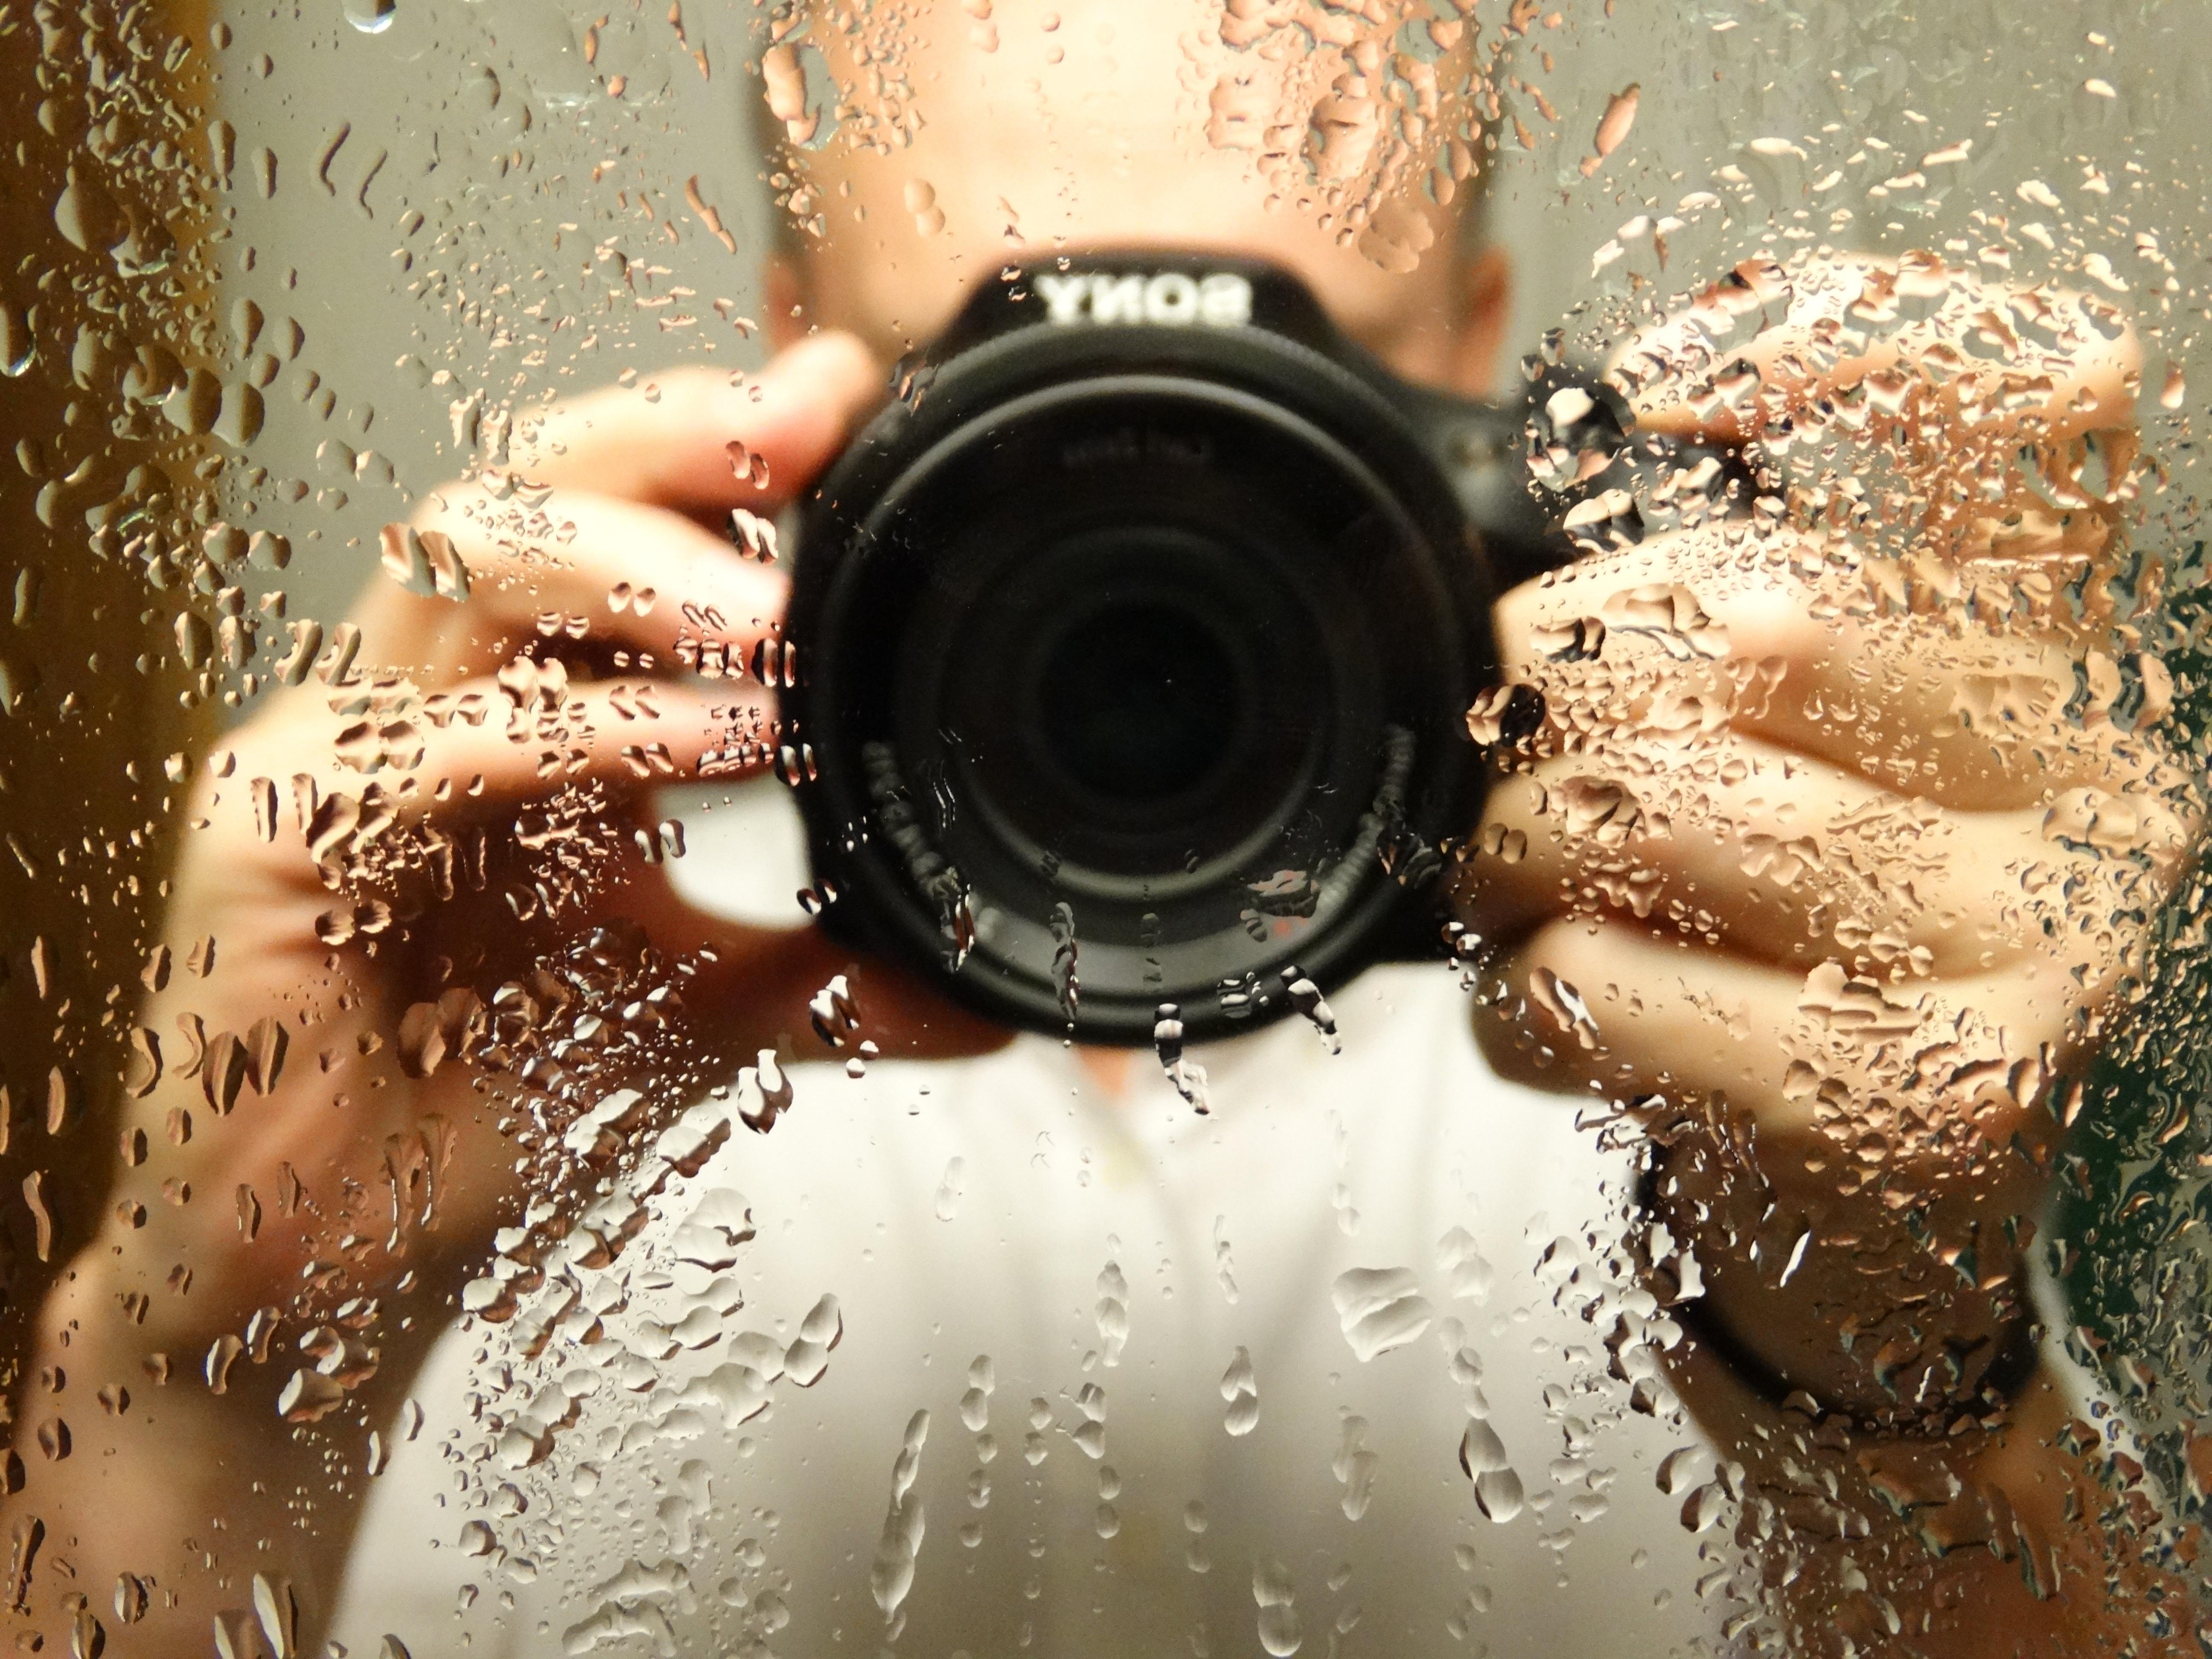 Лучшие позы для самофотографирования большое